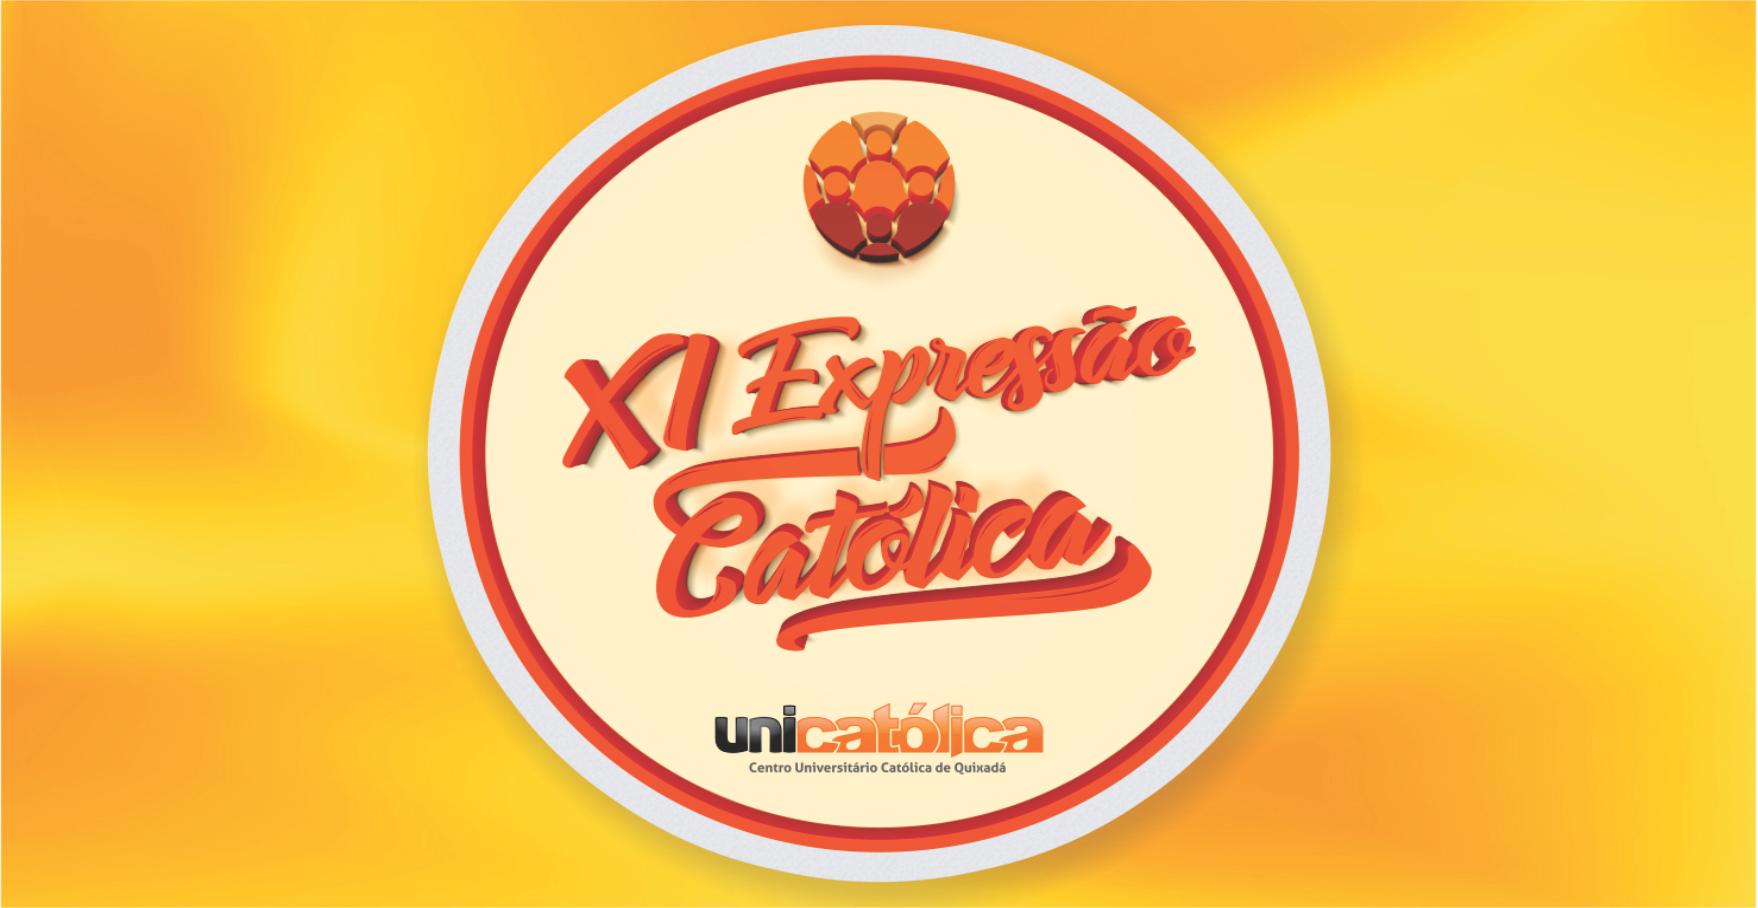 XI Expressão Católica promoverá o XII EEDIC e a IV MCPG